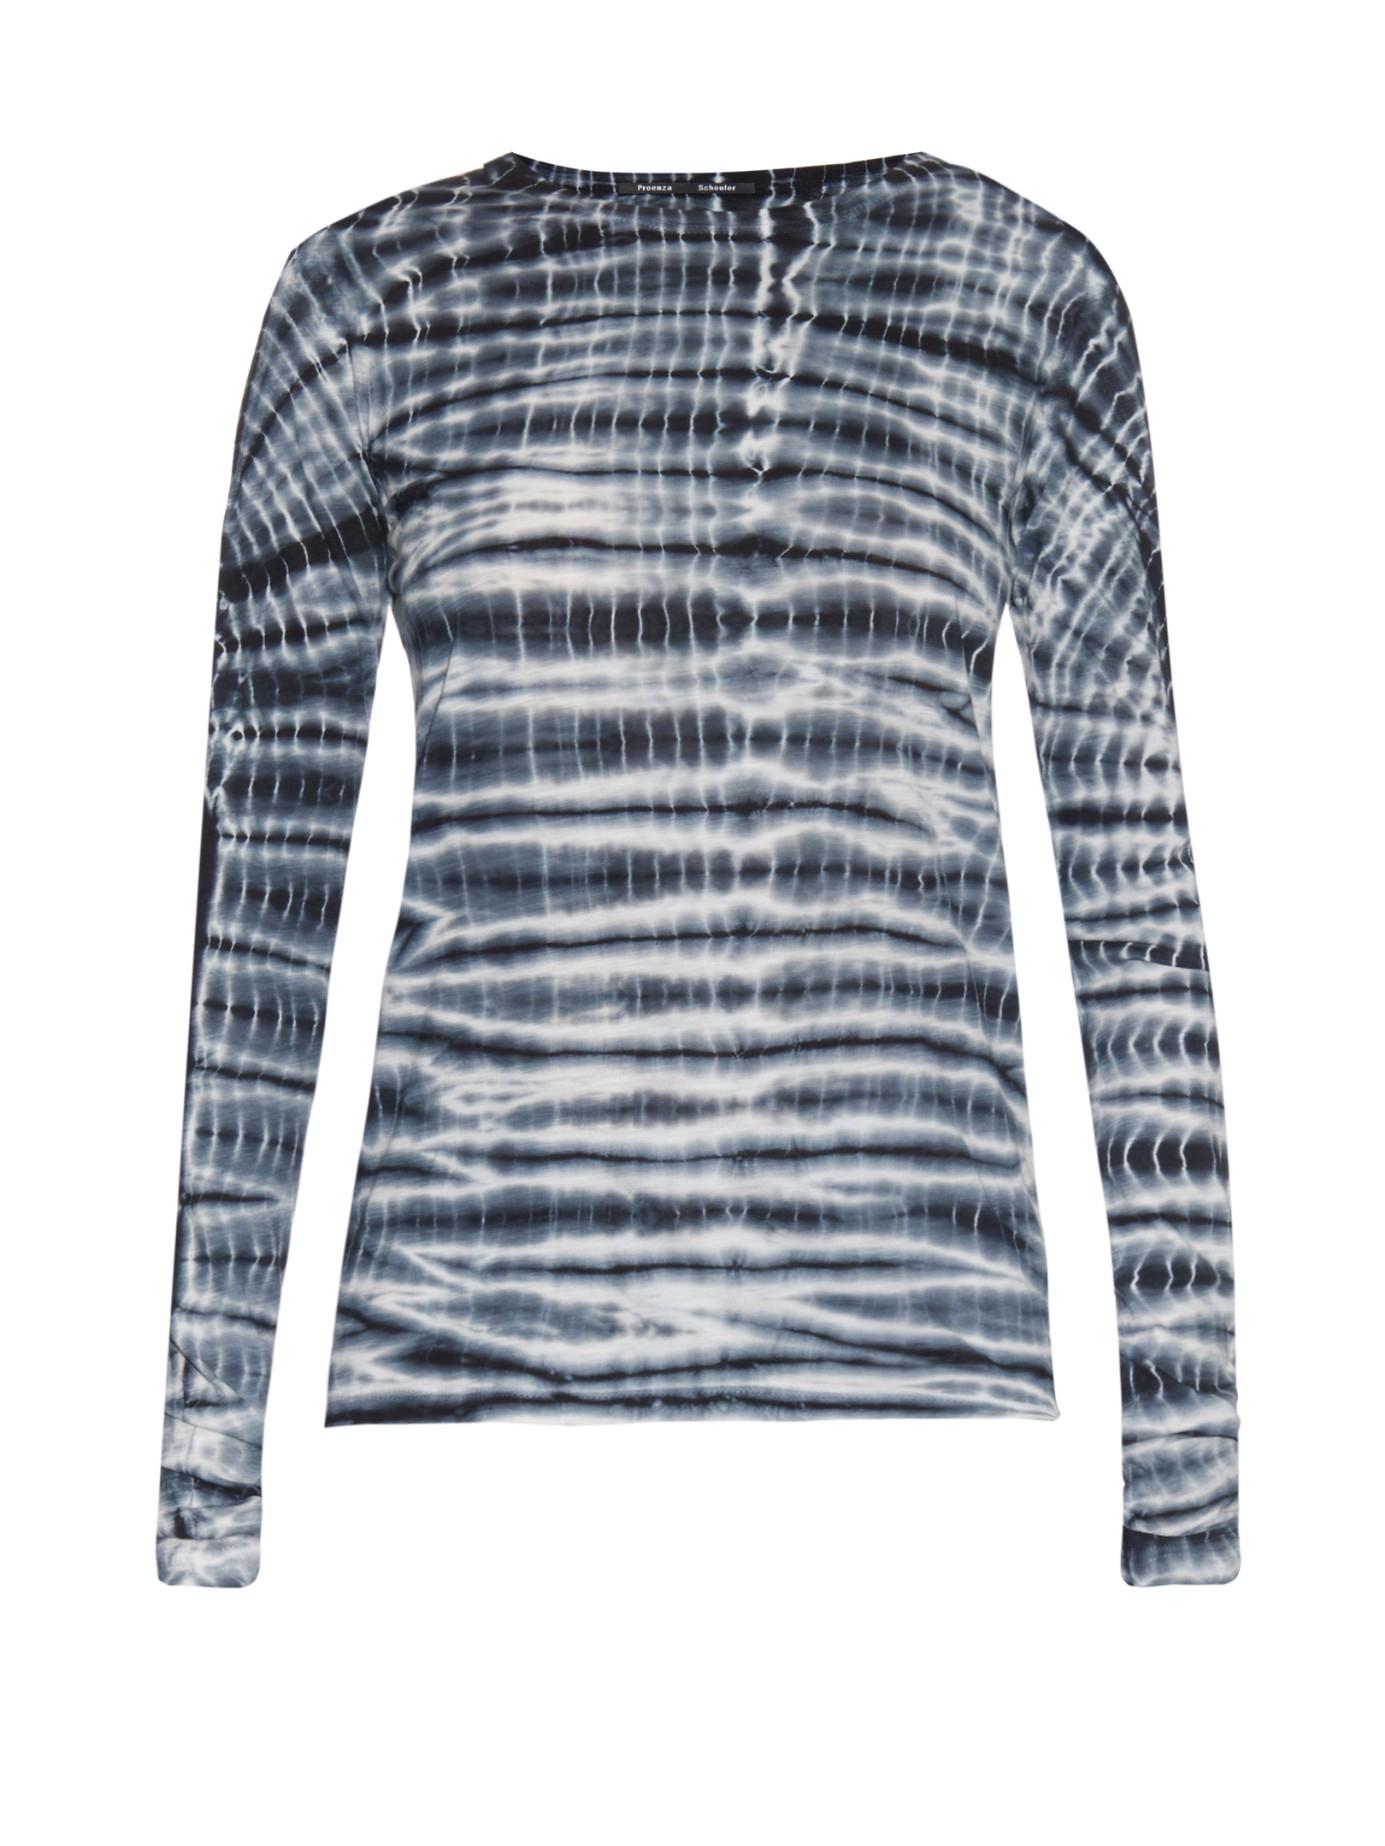 Lyst Proenza Schouler Tie Dye Print Jersey T Shirt In Black